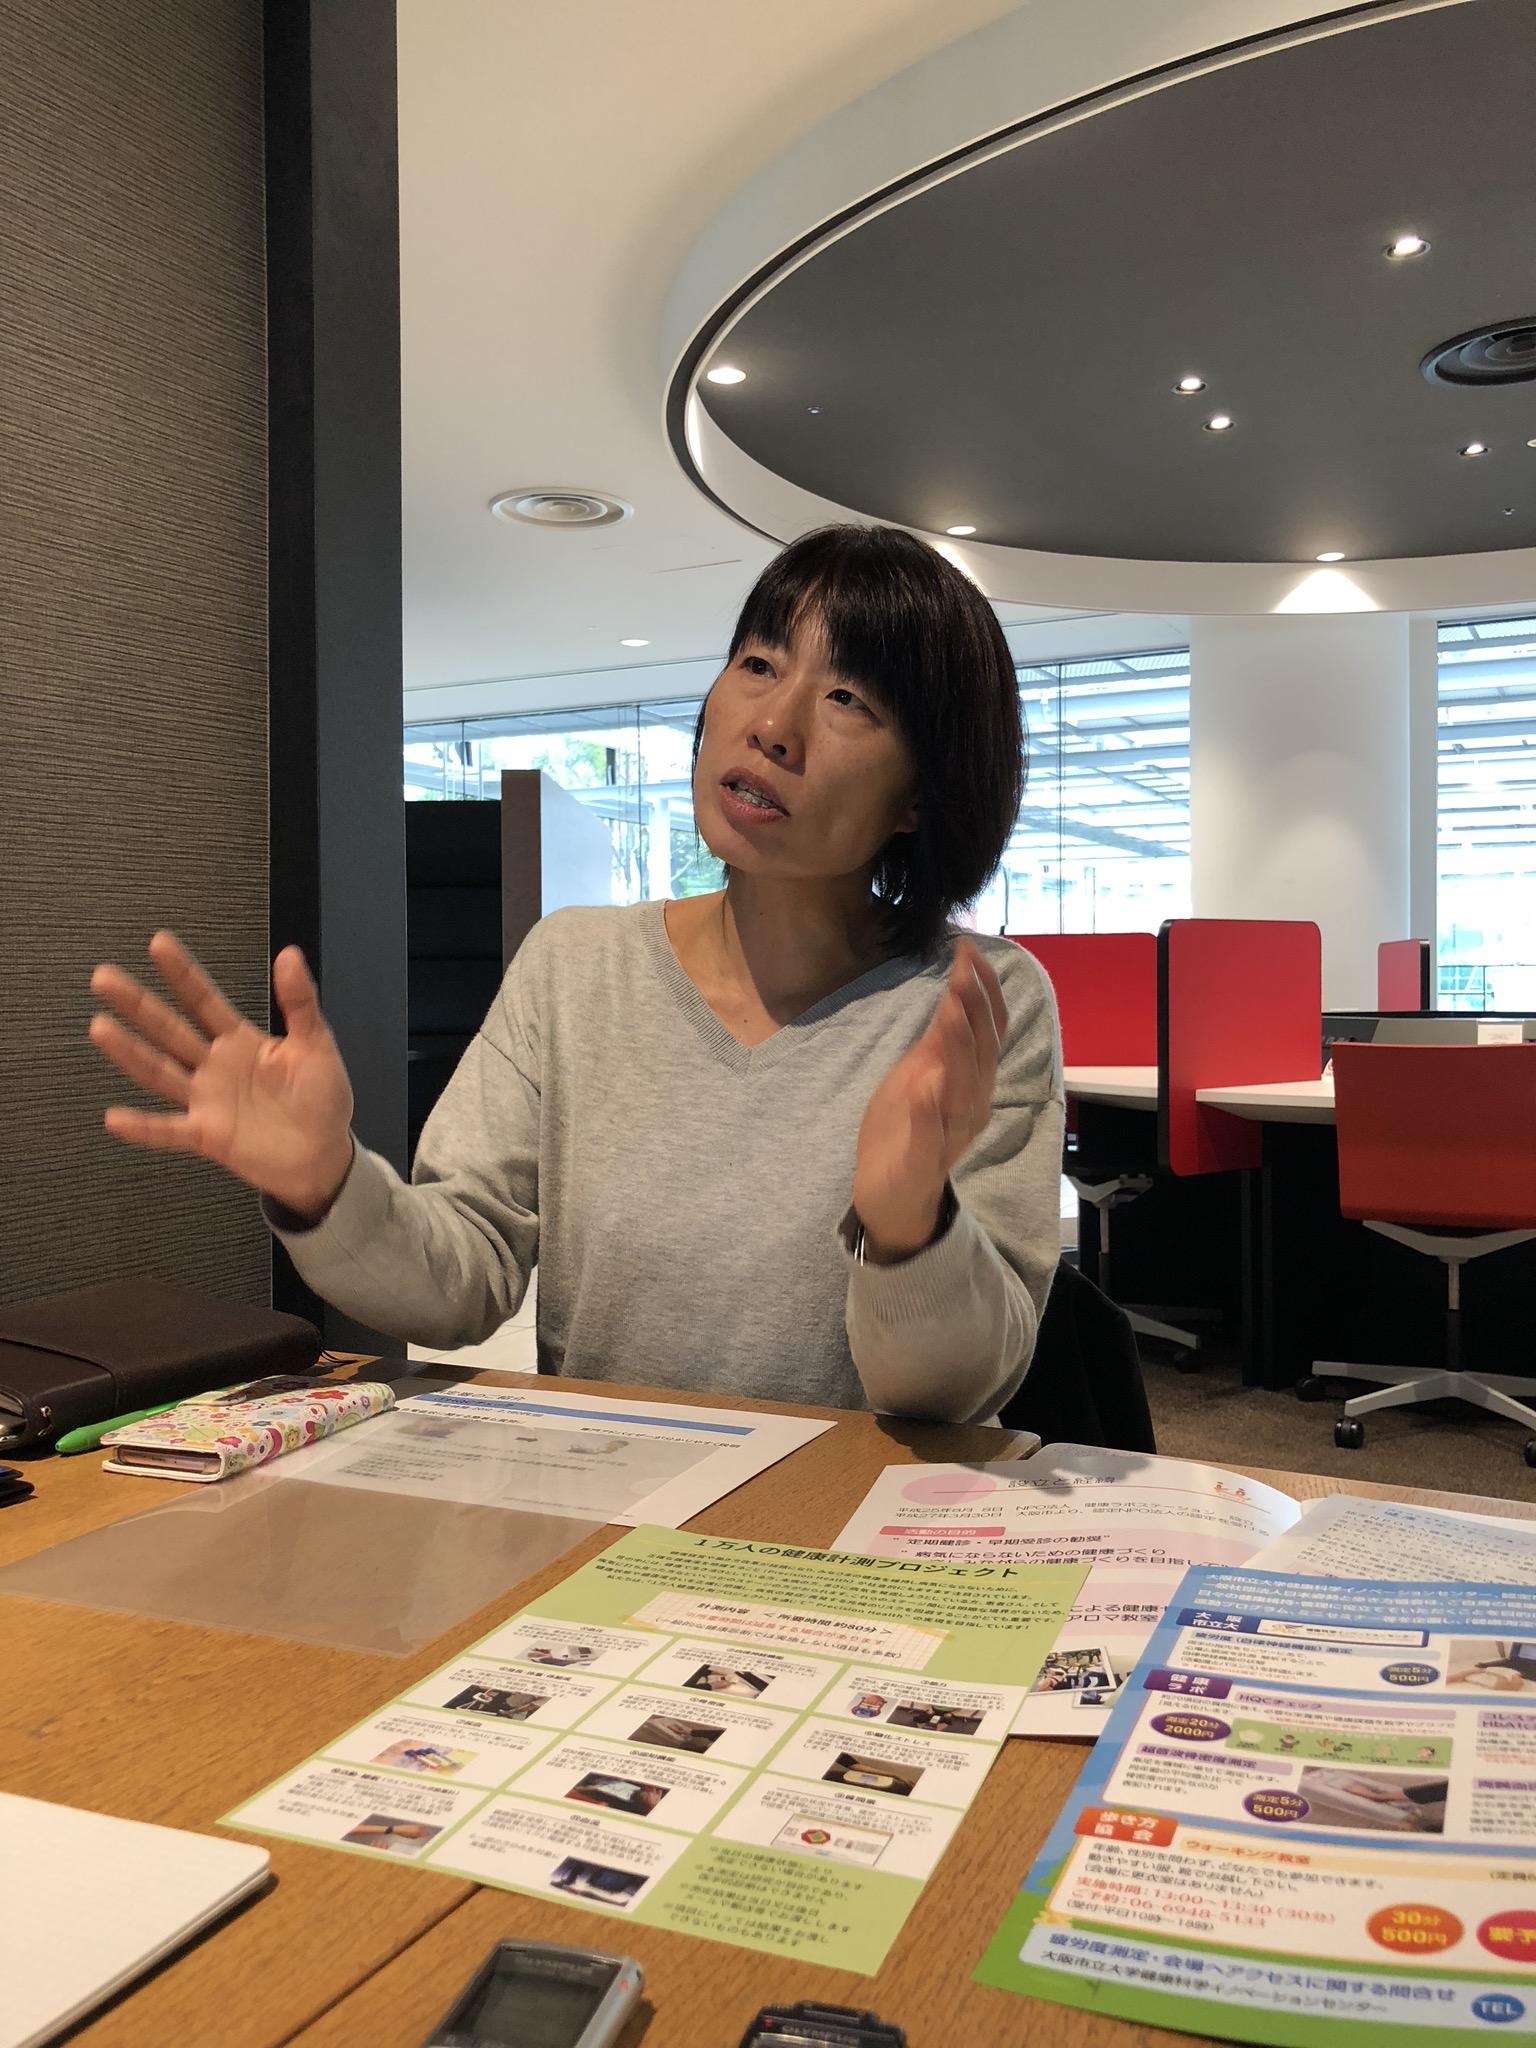 NPO法人発足について語る浦田千昌さんの写真